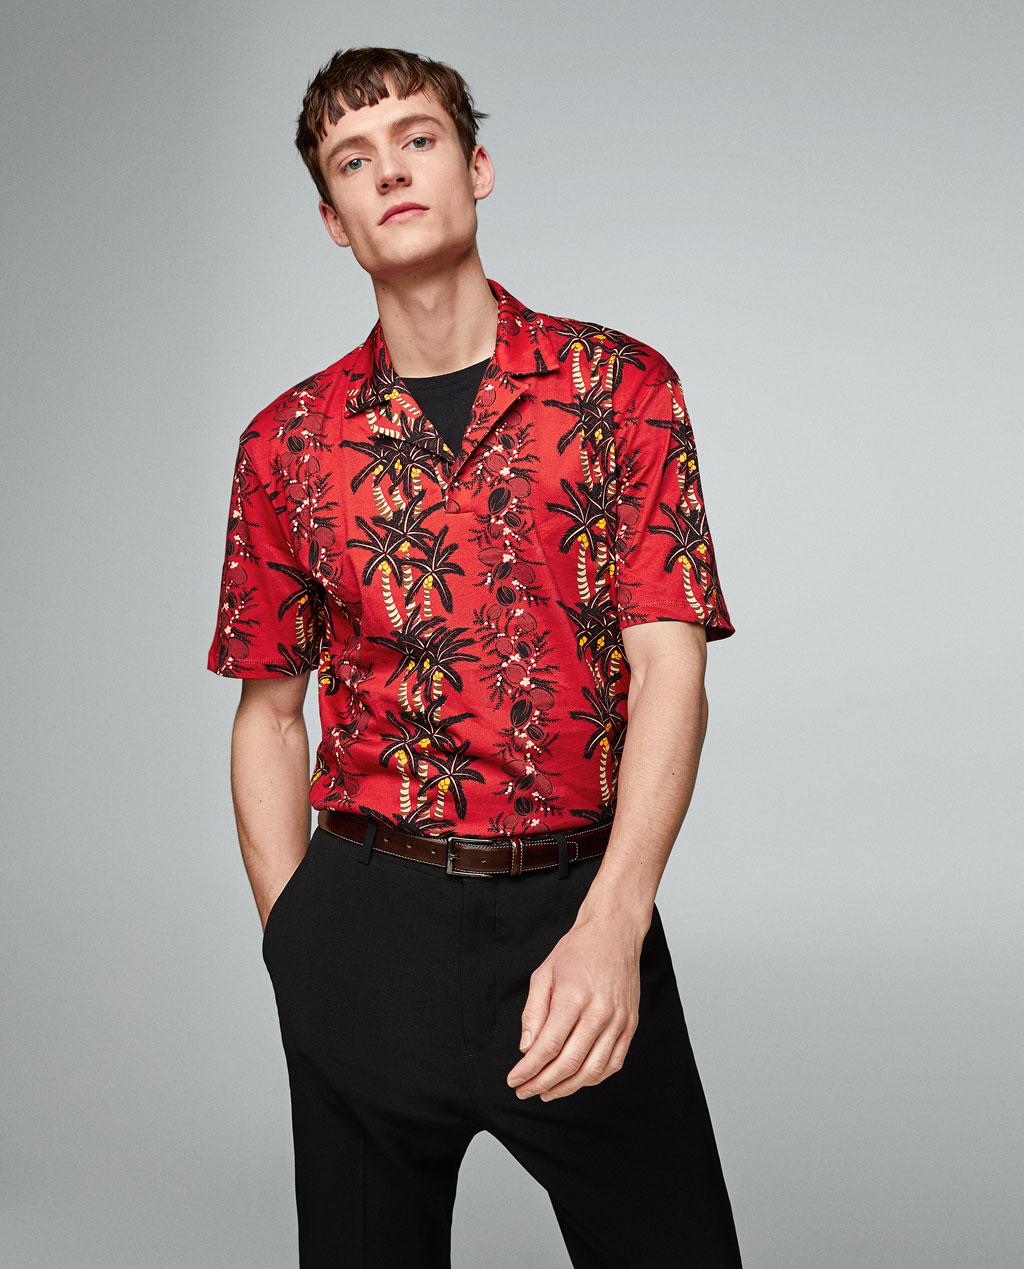 Thời trang nam Zara  23888 - ảnh 4